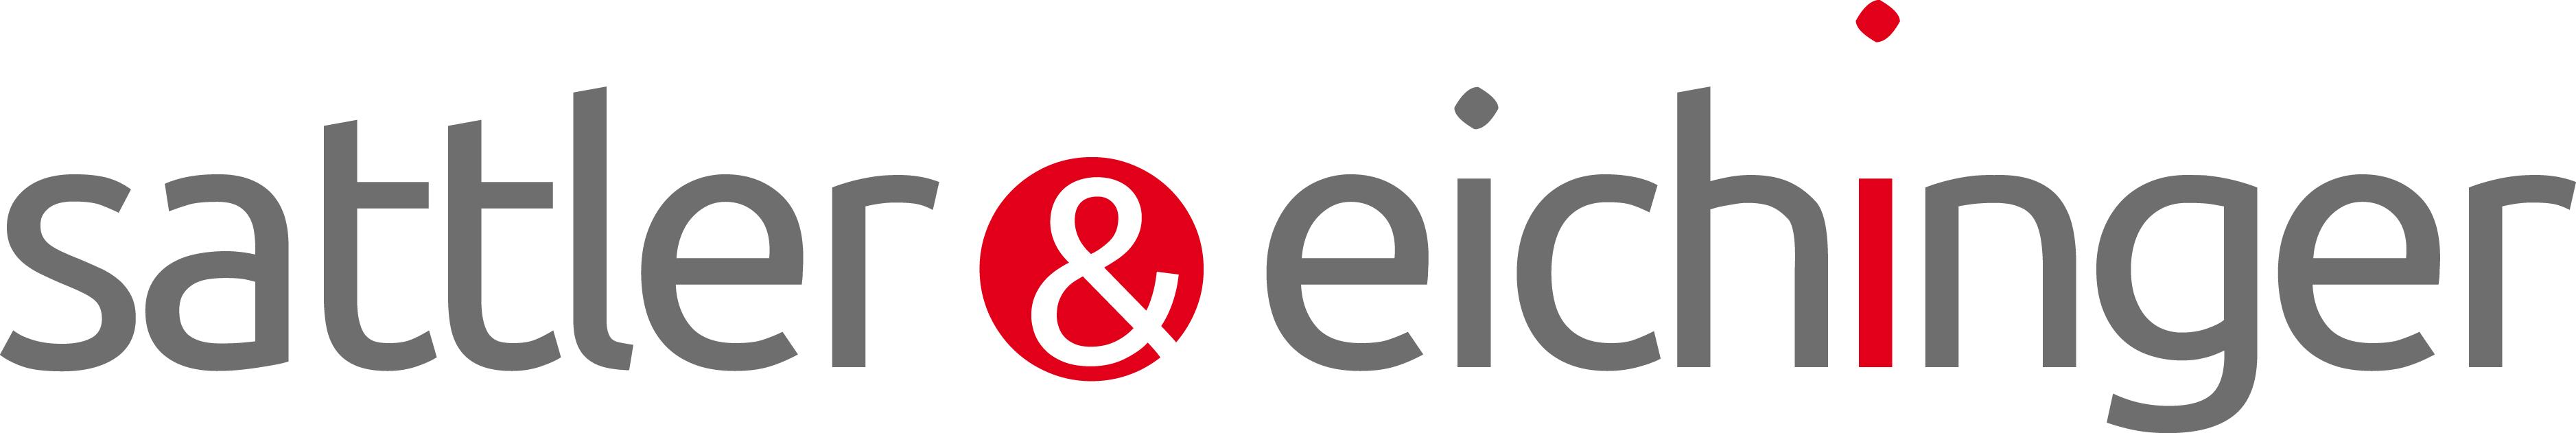 Sattler & Eichinger Marketing- und Kommunikationsberatung GmbH